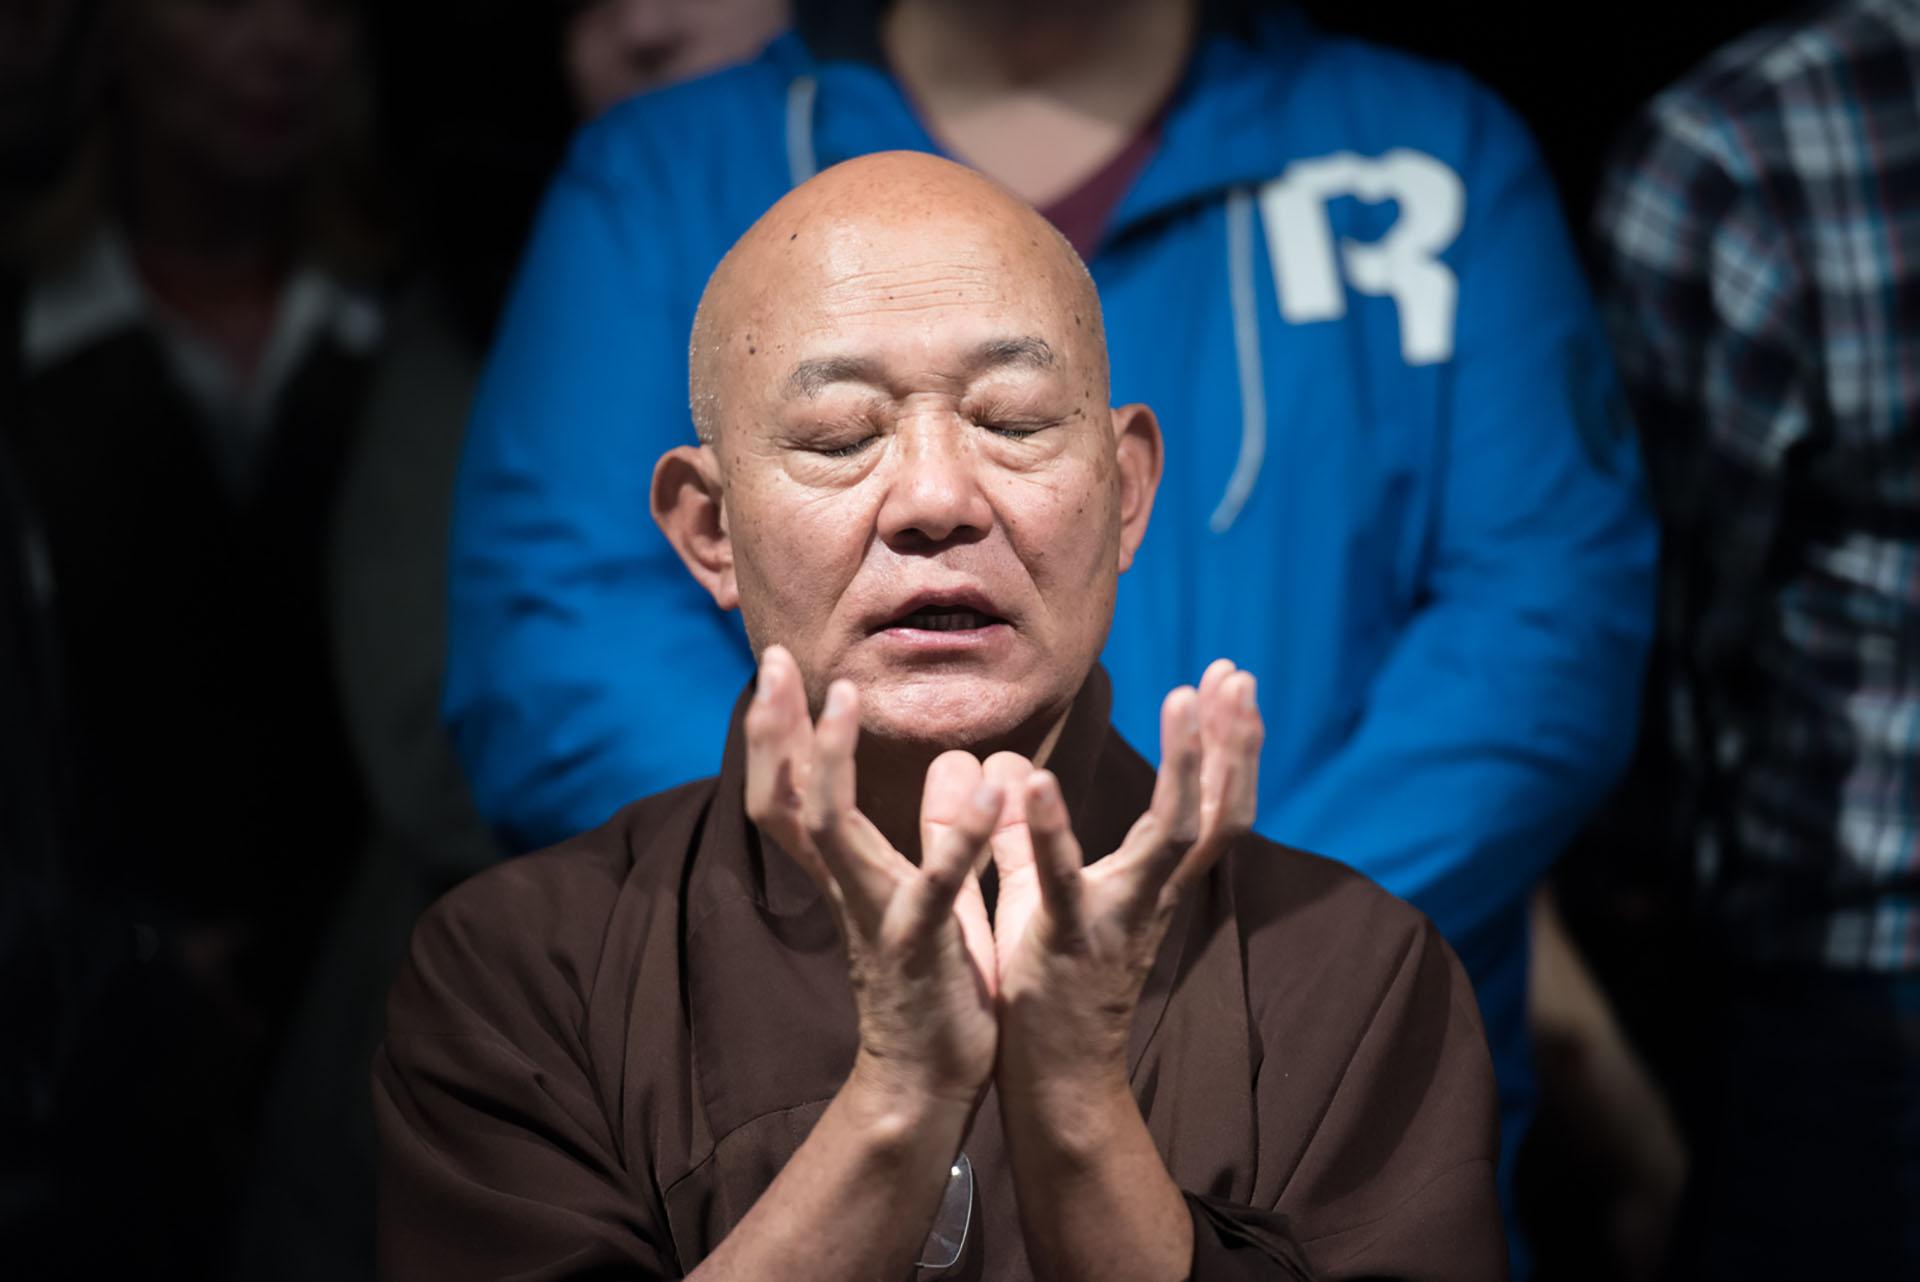 El Lama Losang Samten visitó la Argentina y realizó un mandala de arena coloreada en el centro cultural del Gobierno de la Ciudad Carlos Gardel y en en la sede del Instituto Budista KTC de Buenos Aires